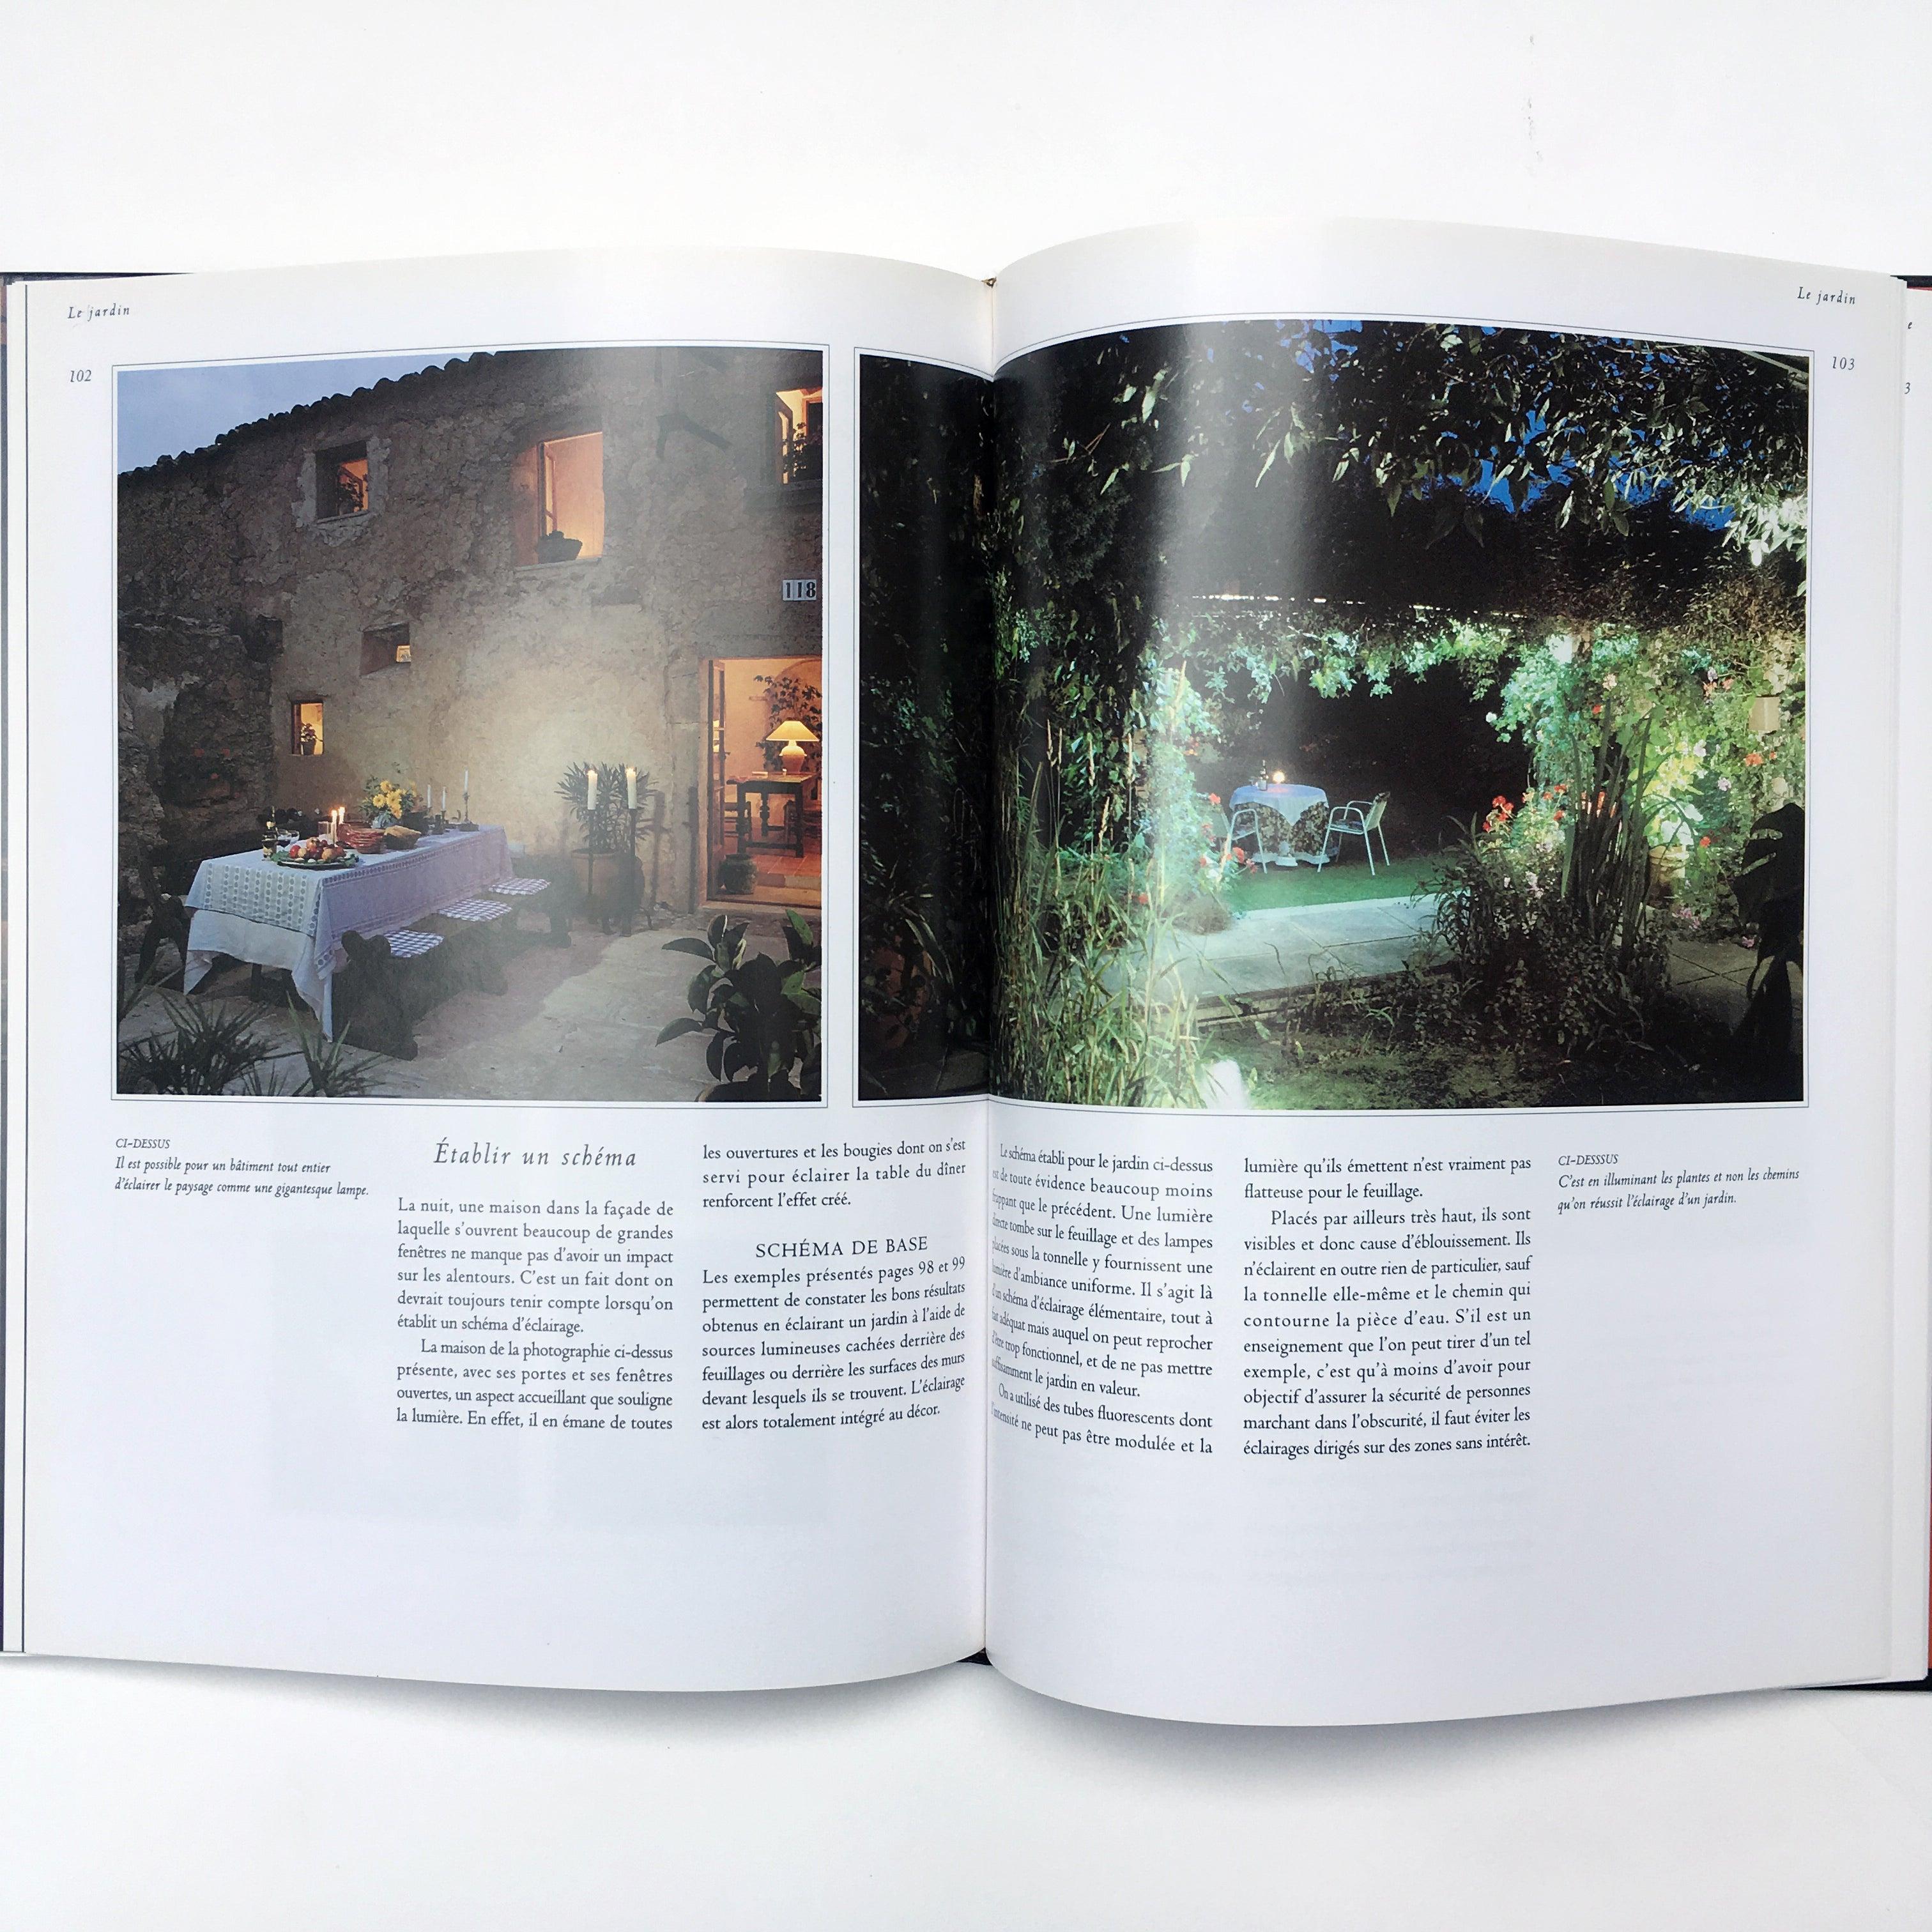 C Maison Et Jardin Magazine l'Élairage dans la maison, kevin mccloud